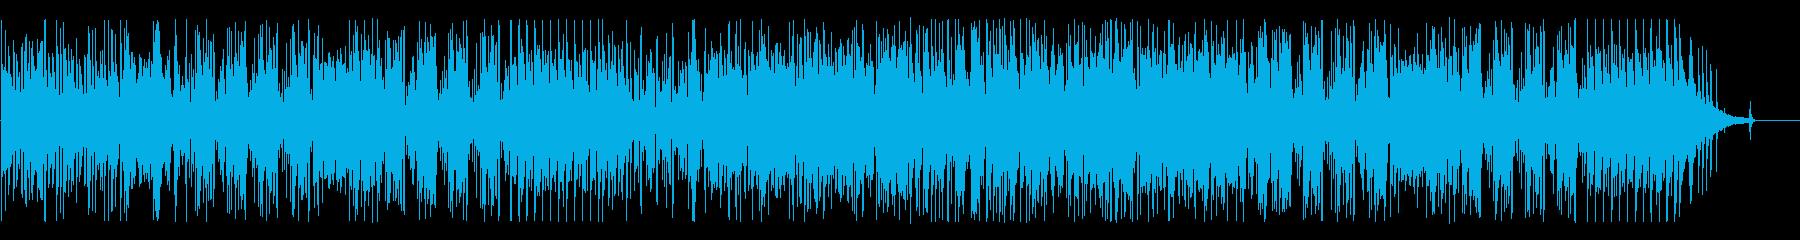 派手でスリリングな高速ジャズの再生済みの波形